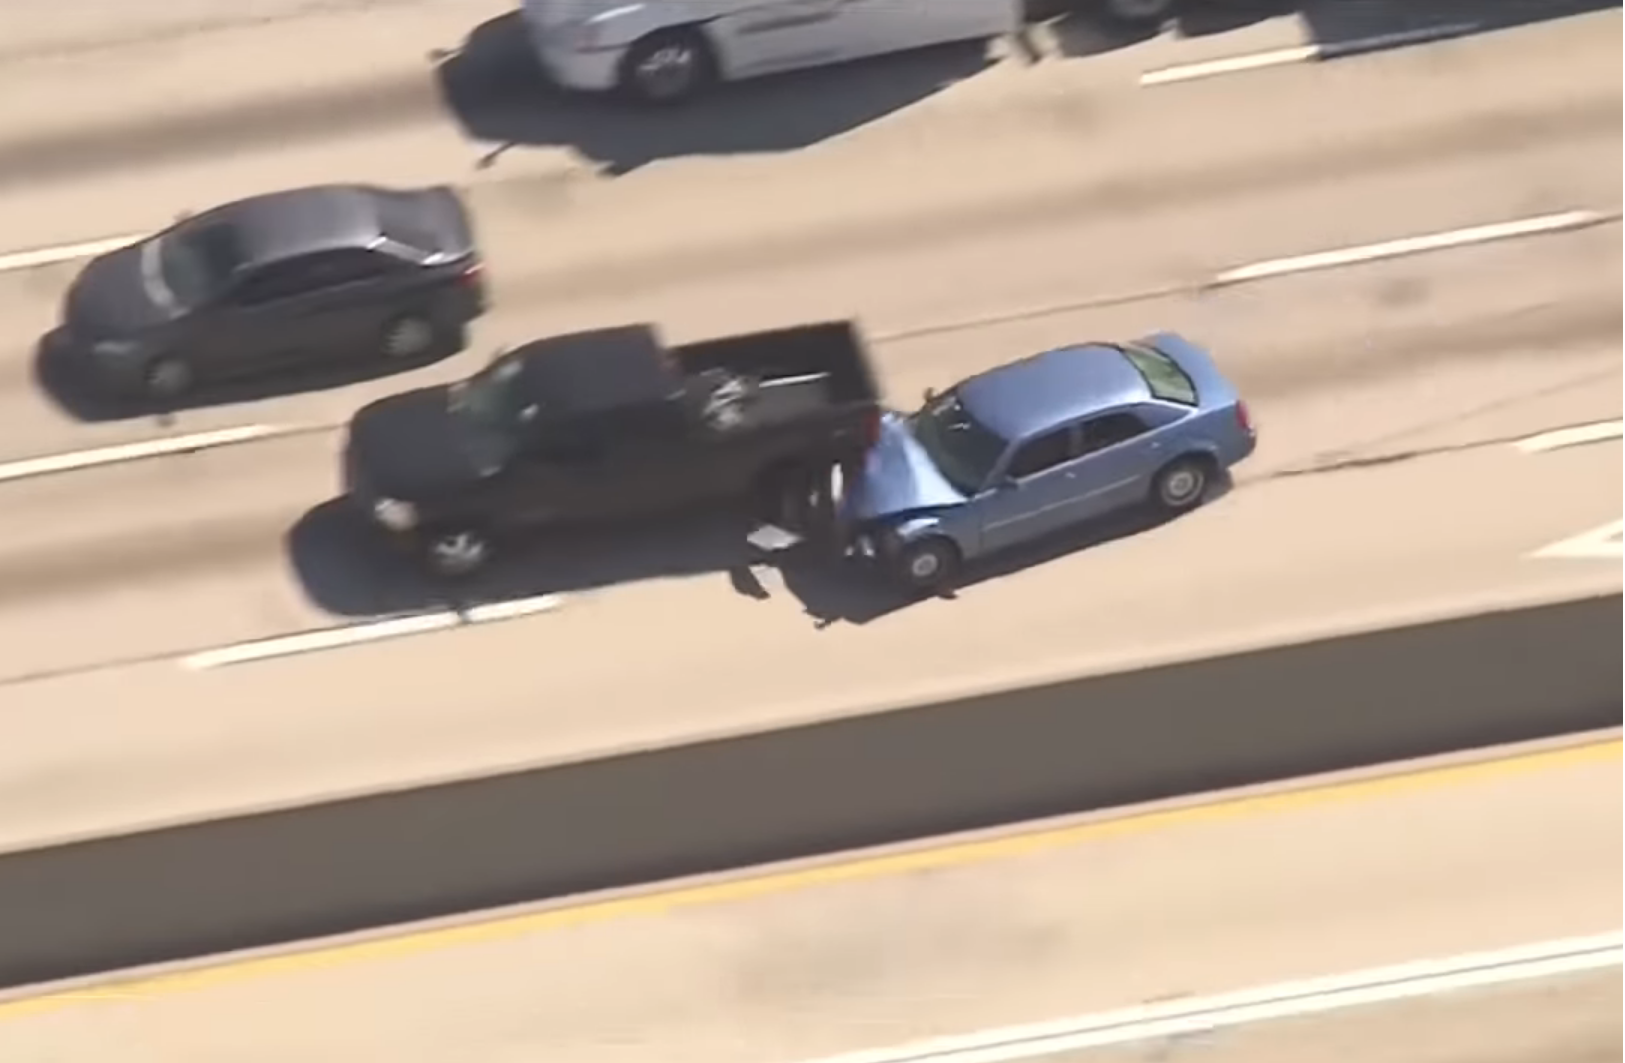 Video: Vodič unikal pred policajtmi. Spravil začiatočnícku chybu